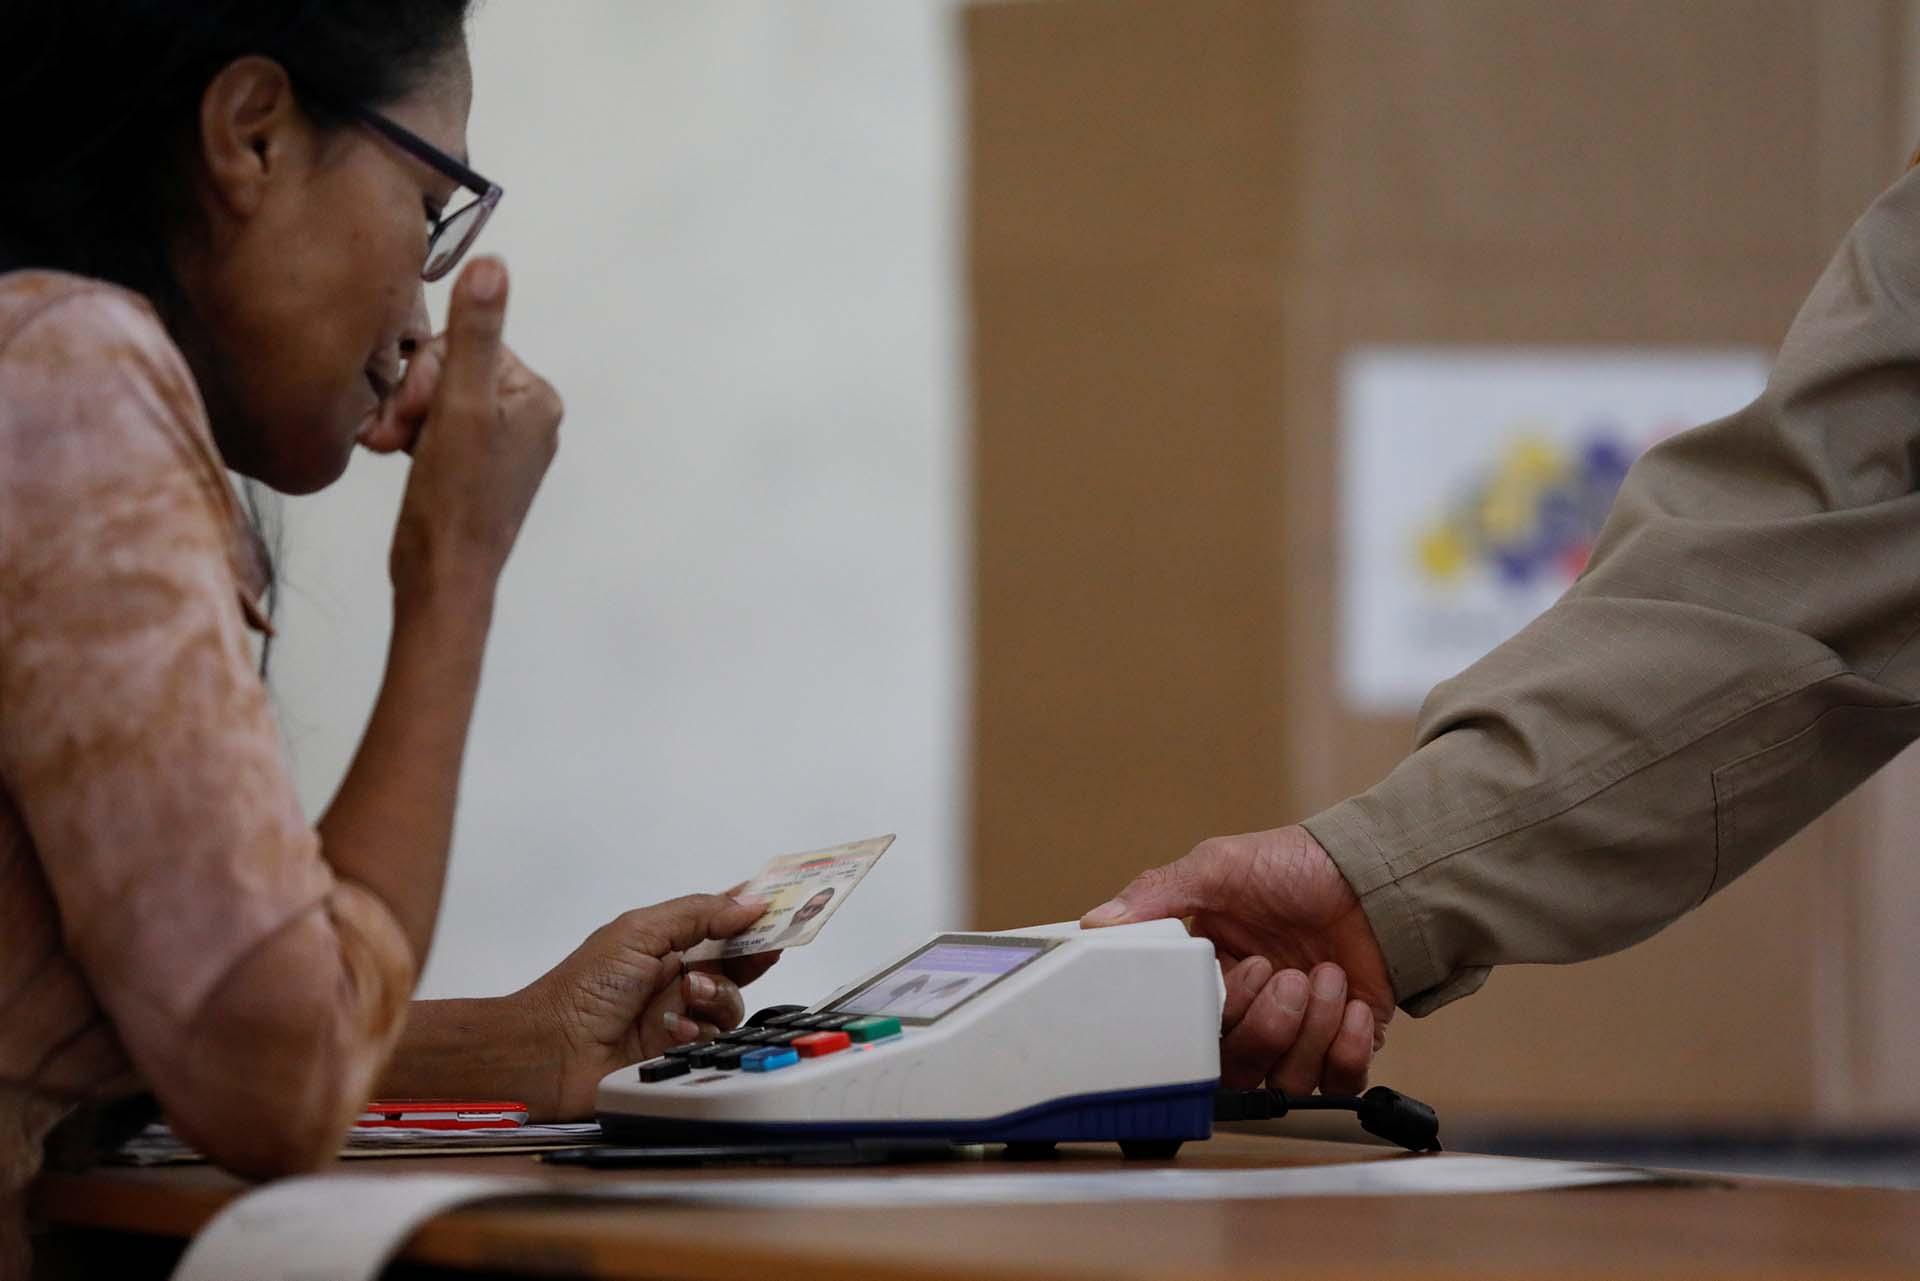 Los opositores han mostrado fotos durante todo el día de cómo se encuentran los centros de votación en el interior del país, en su gran mayoría vacíos